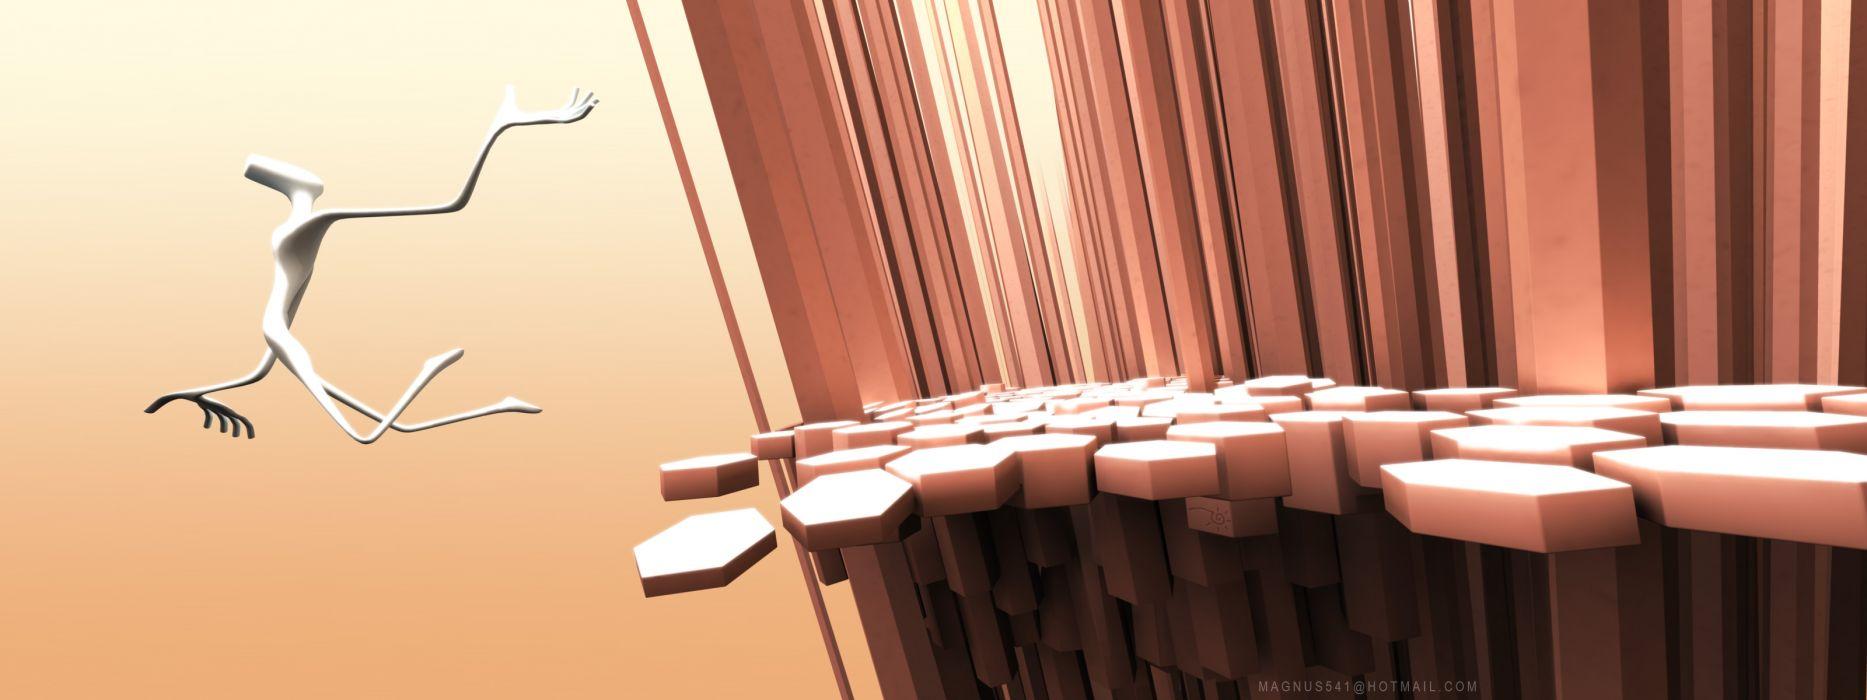 D view edge world digital art wallpaper